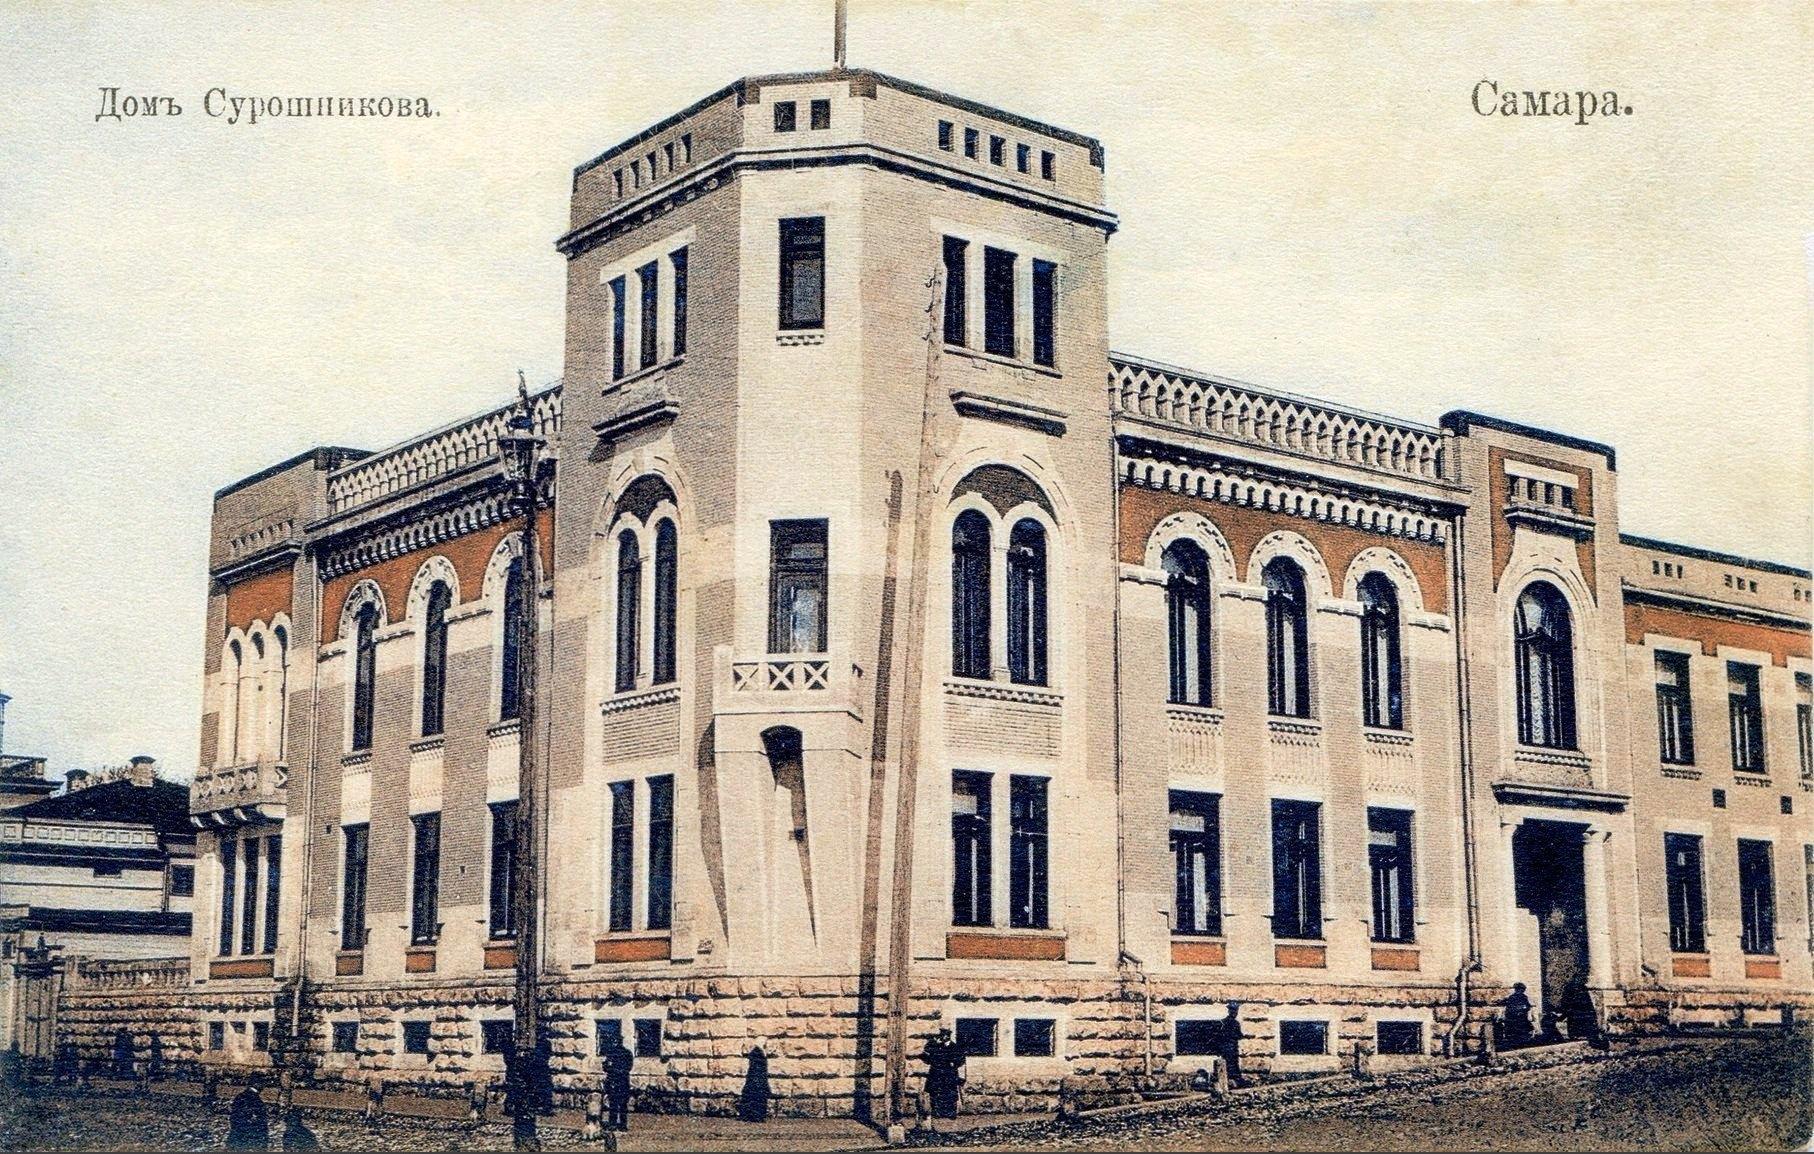 Дом Сурошникова